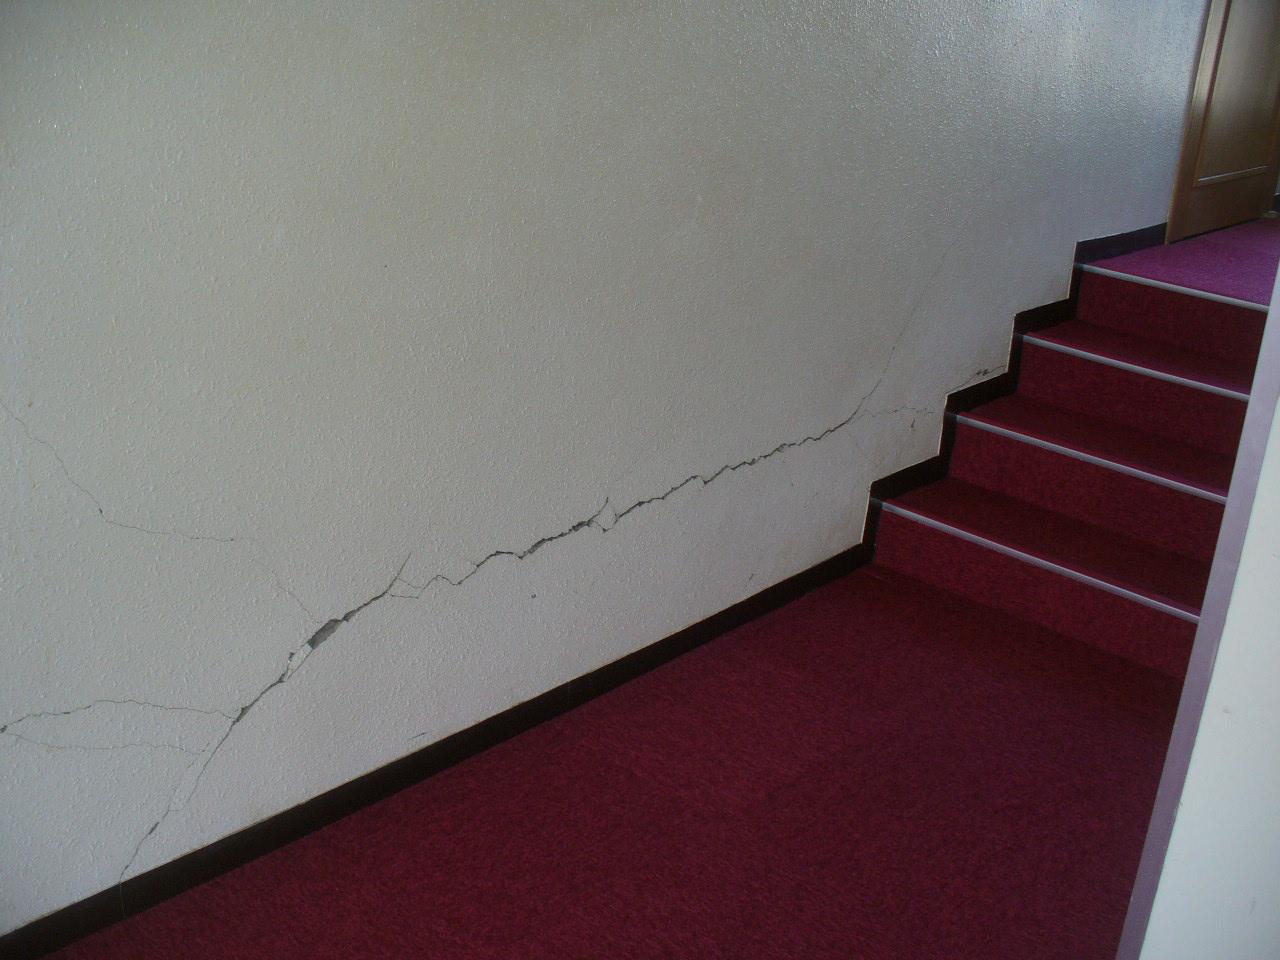 地震で壁にできたひび割れについて Cmc